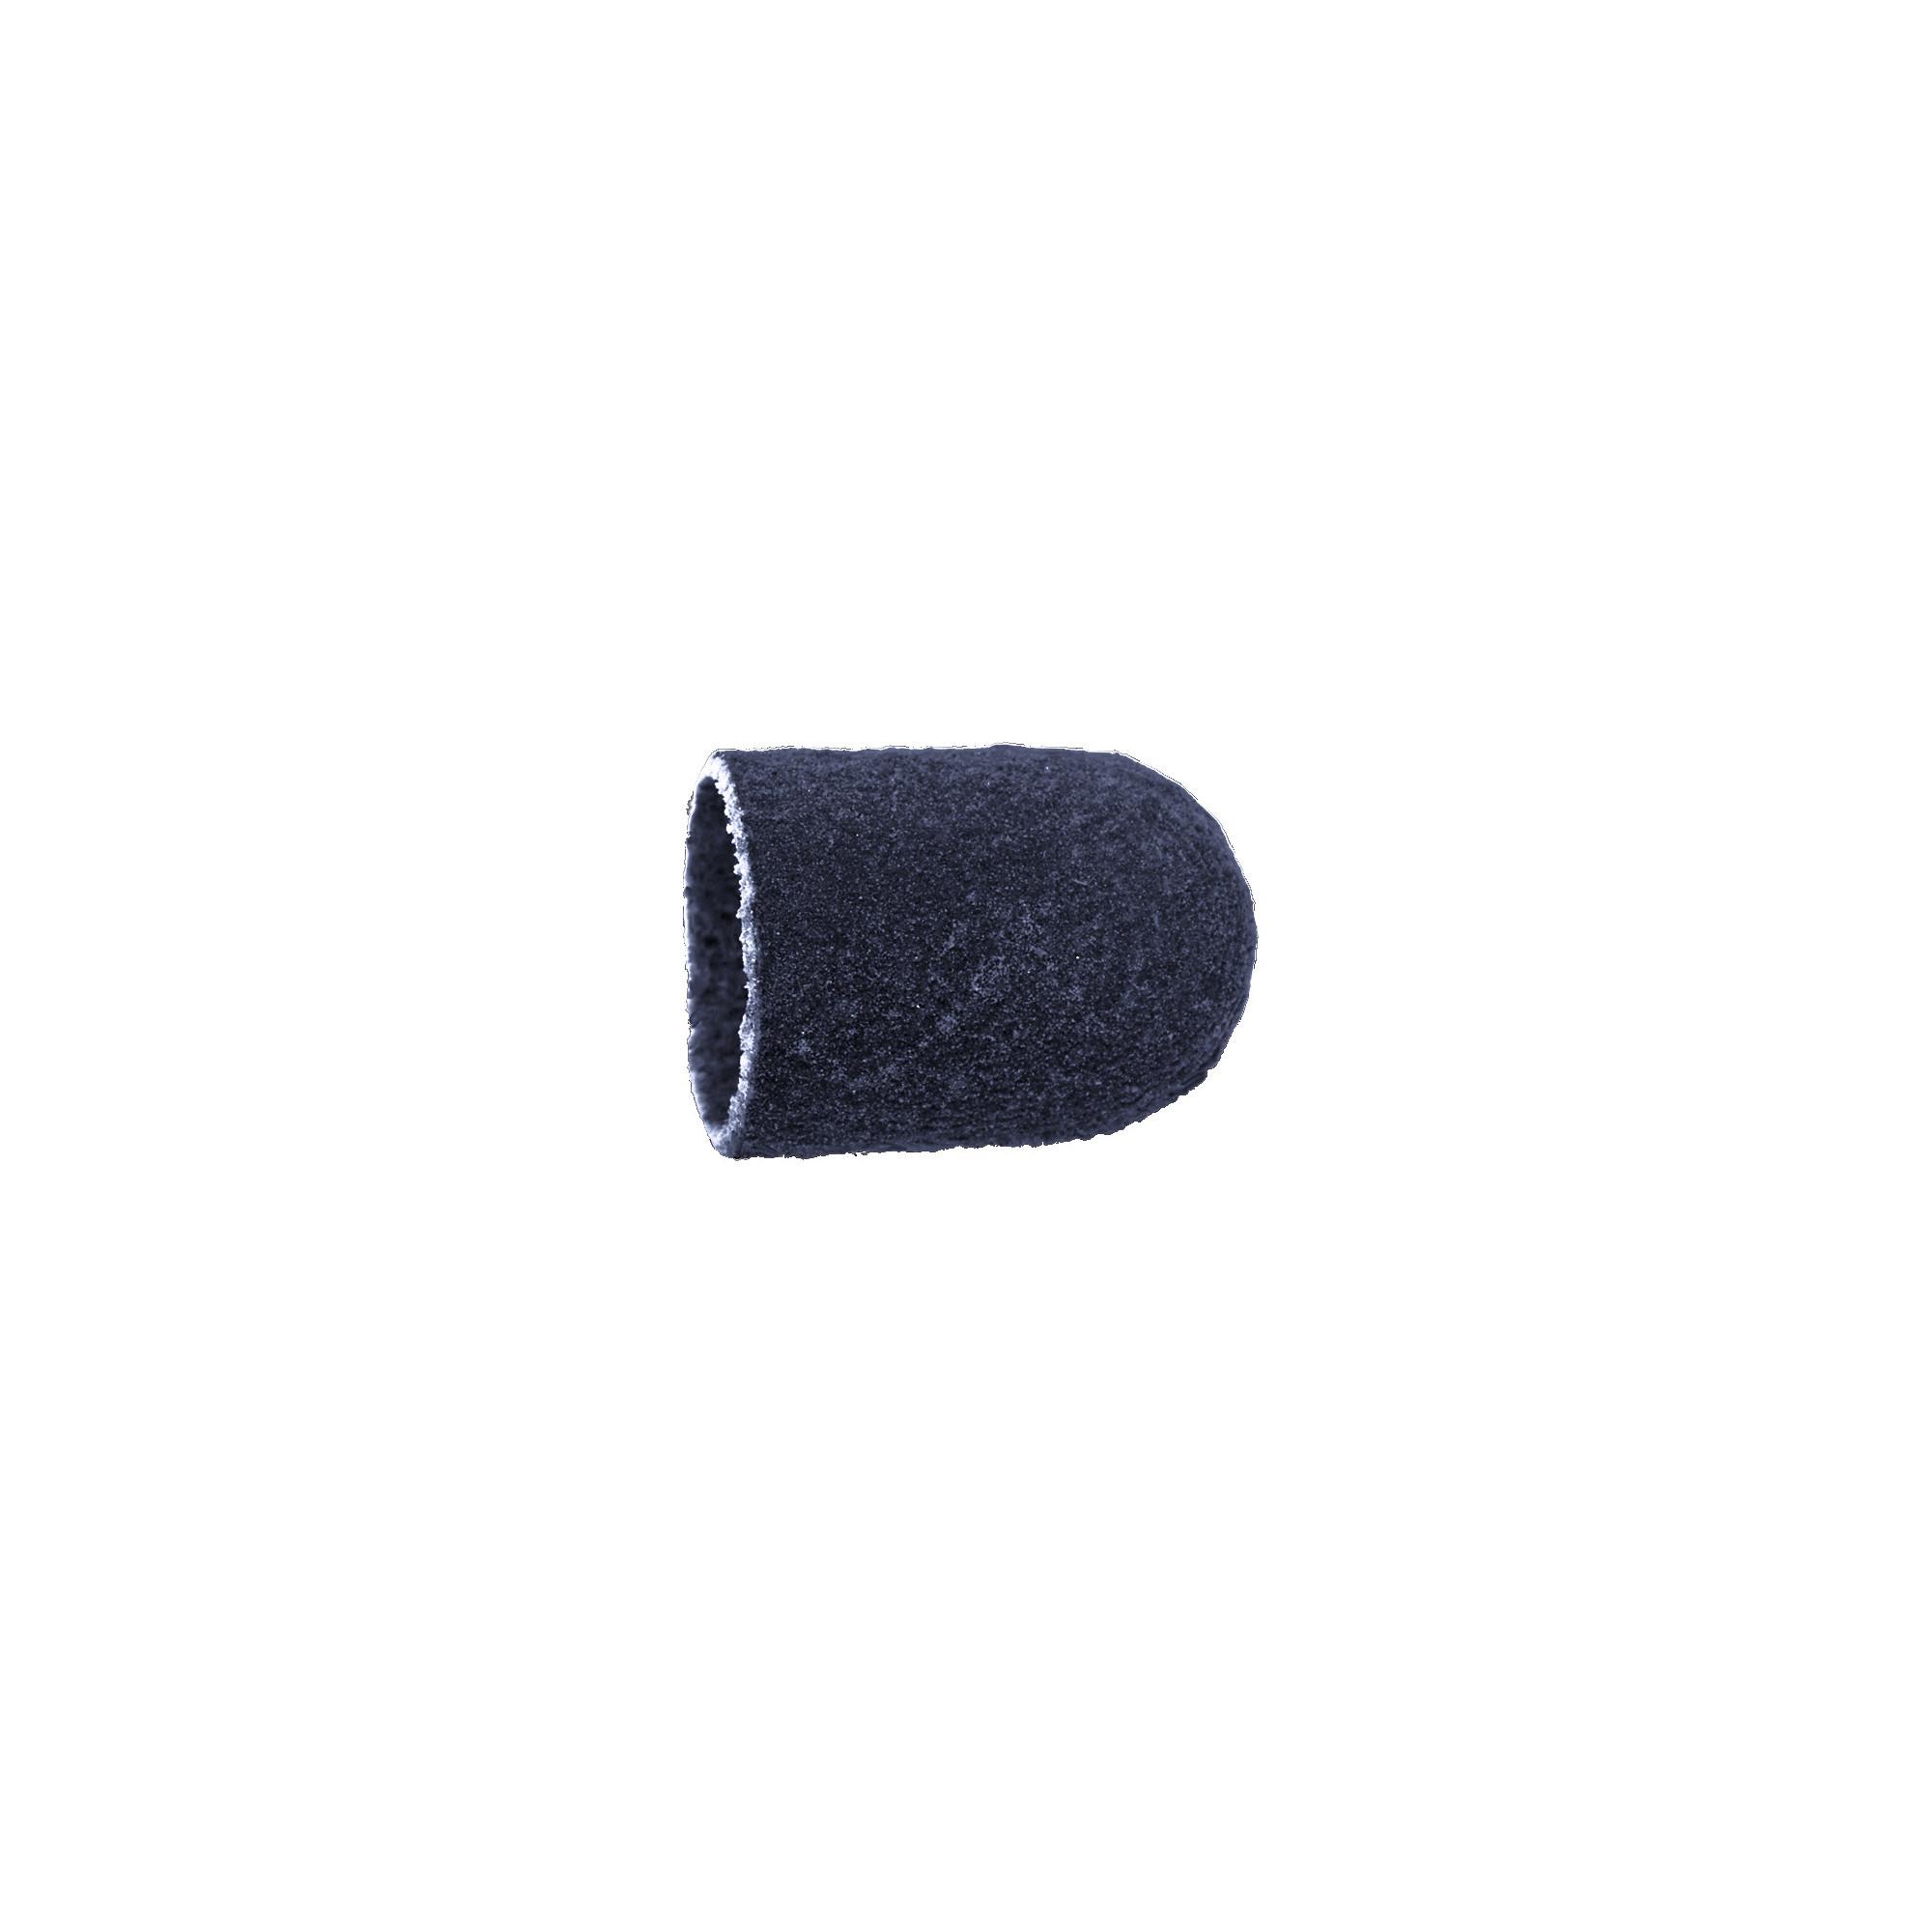 Capuchons abrasifs 0201 - Diamant - Grain fin - Abrasion des cors, durillons et hyperkératoses - 7 mm